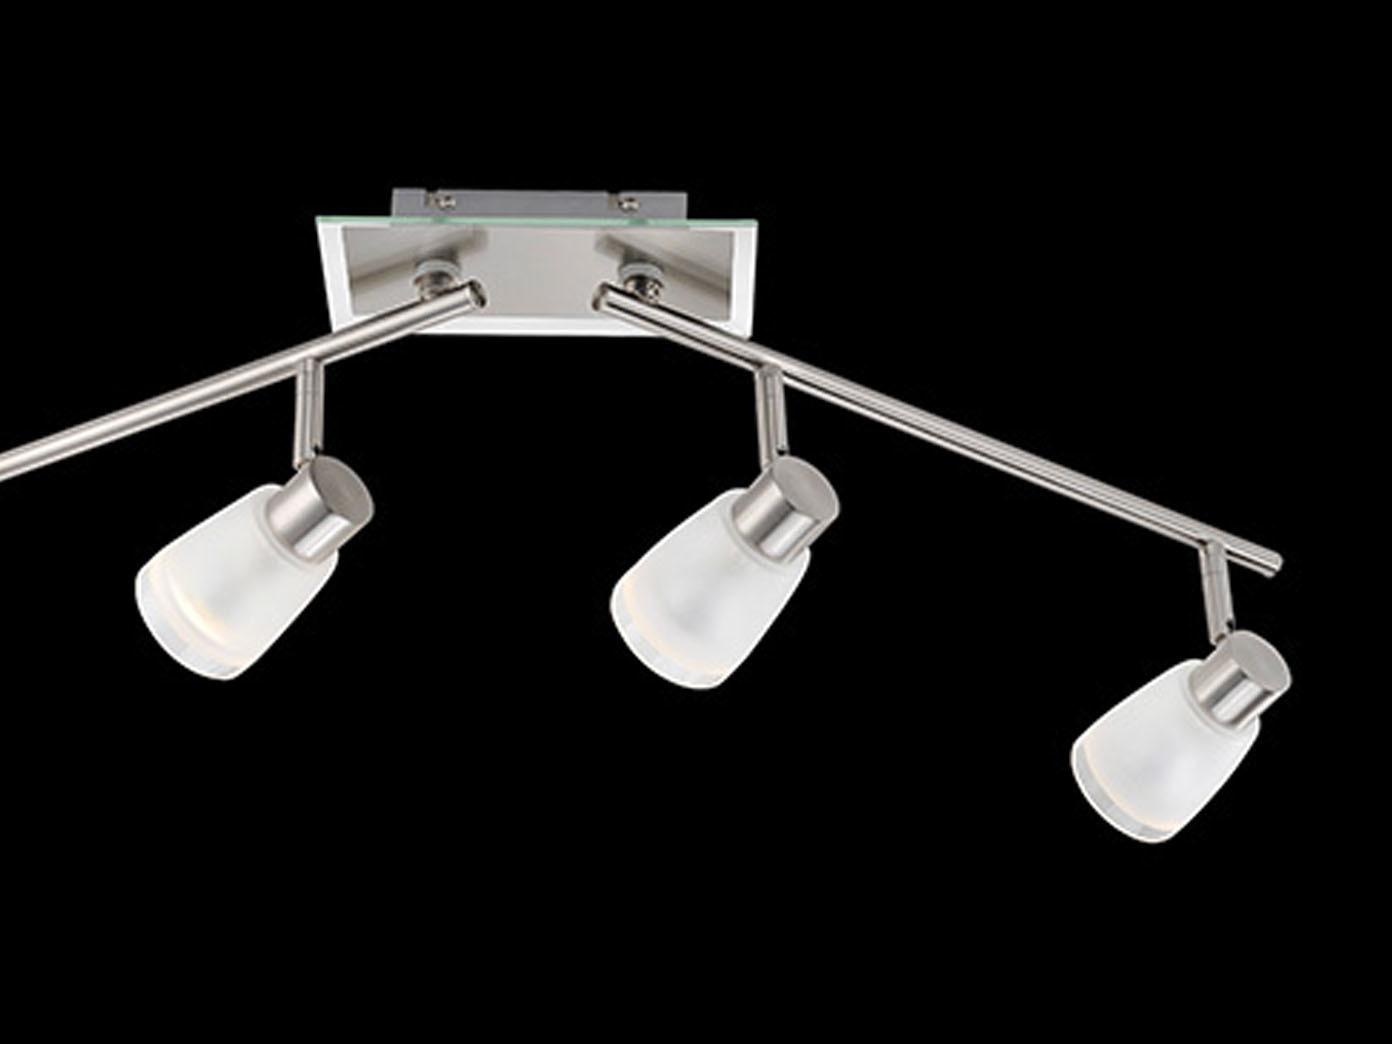 Deckenstrahler-mit-LED-Glas-satiniert-schwenkbar-Deckenlampe-Wohnraumleuchte